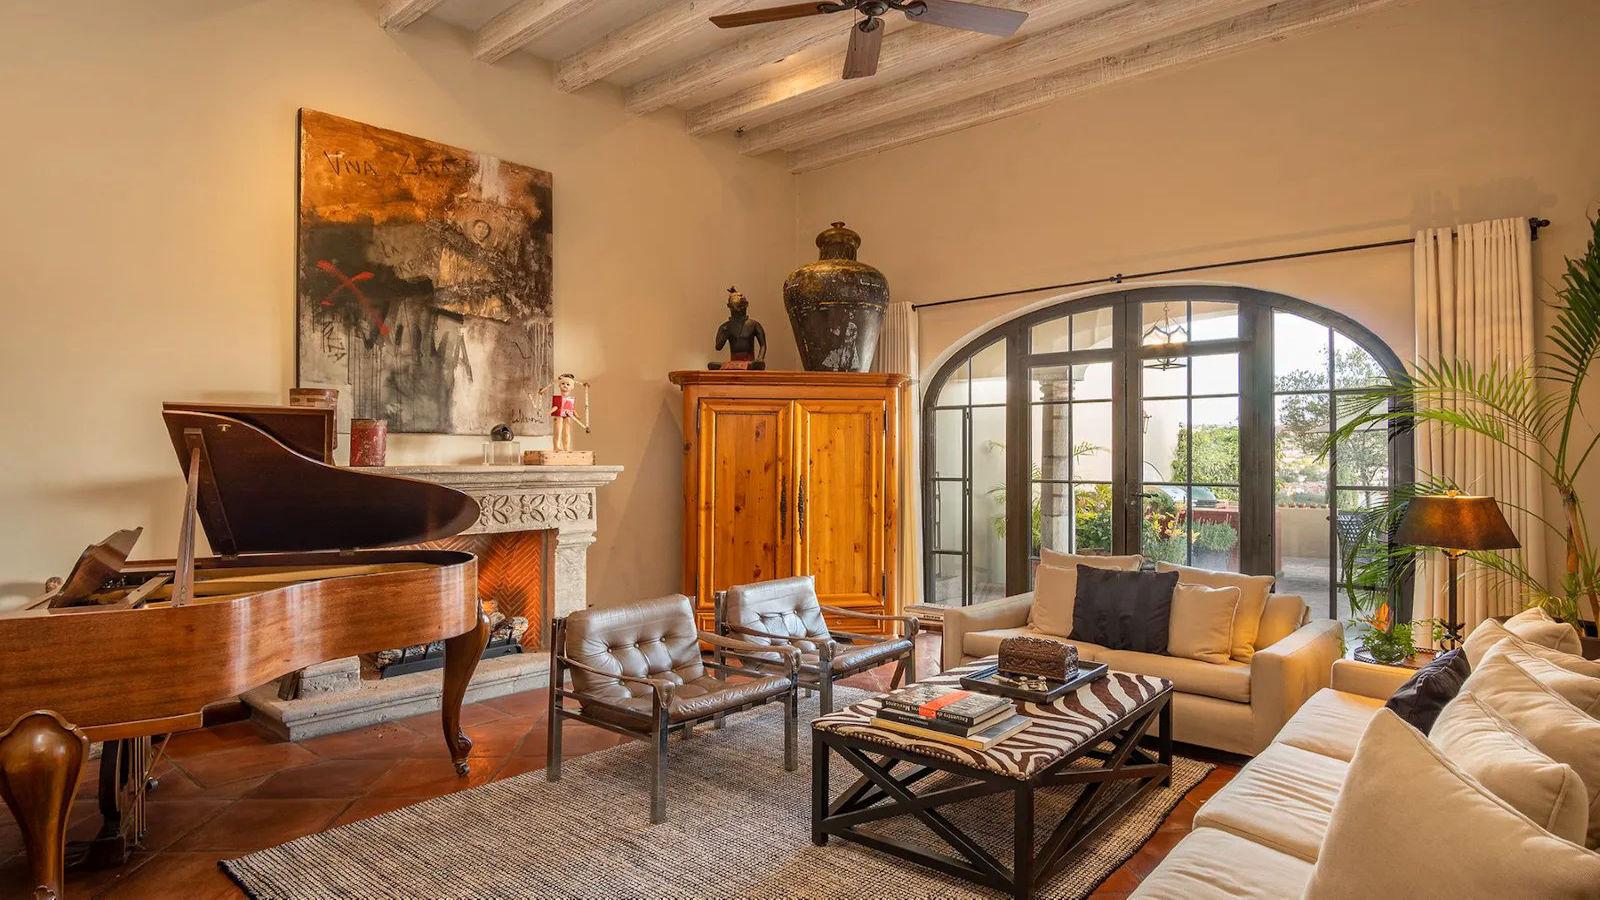 Crystal Calderoni Casa Por Fin - San Miguel de Allende (26)